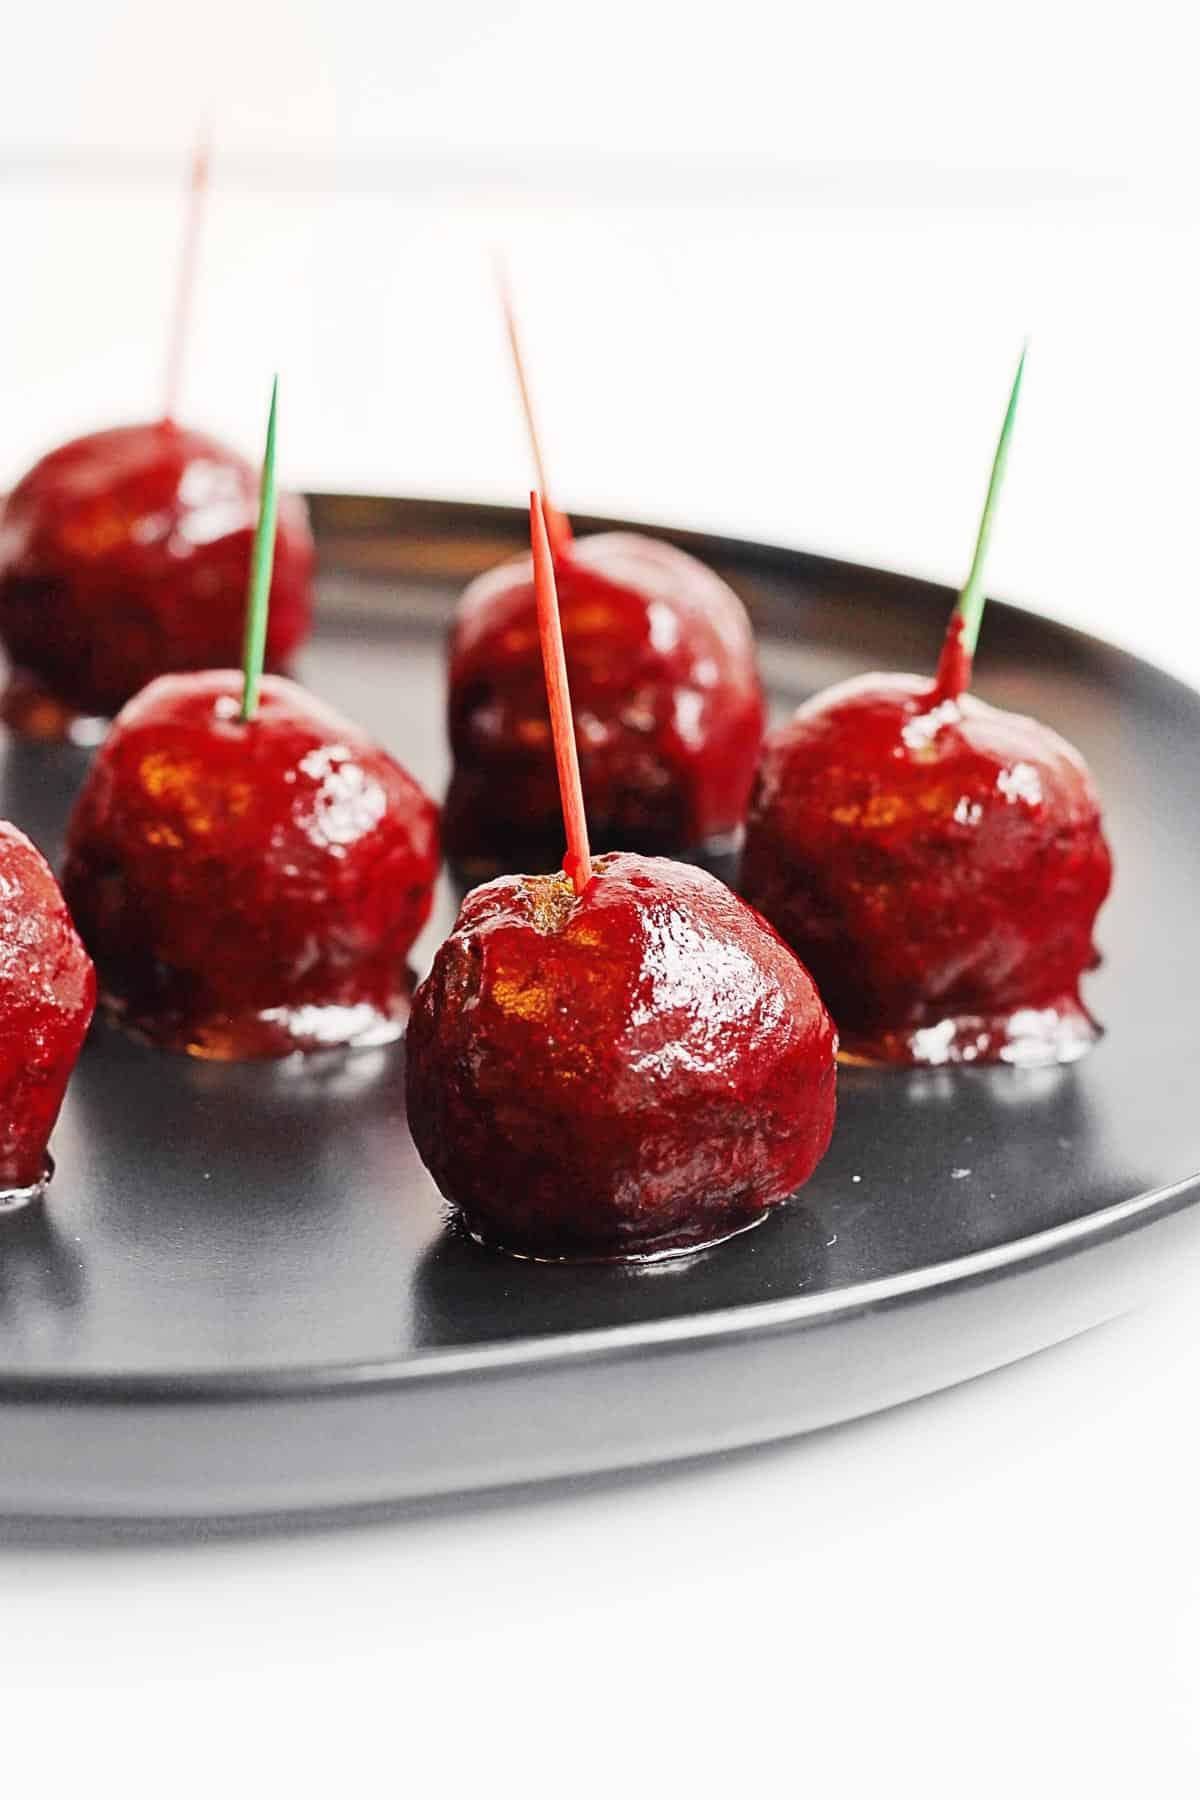 Vegan cocktail meatballs with cranberry sauce